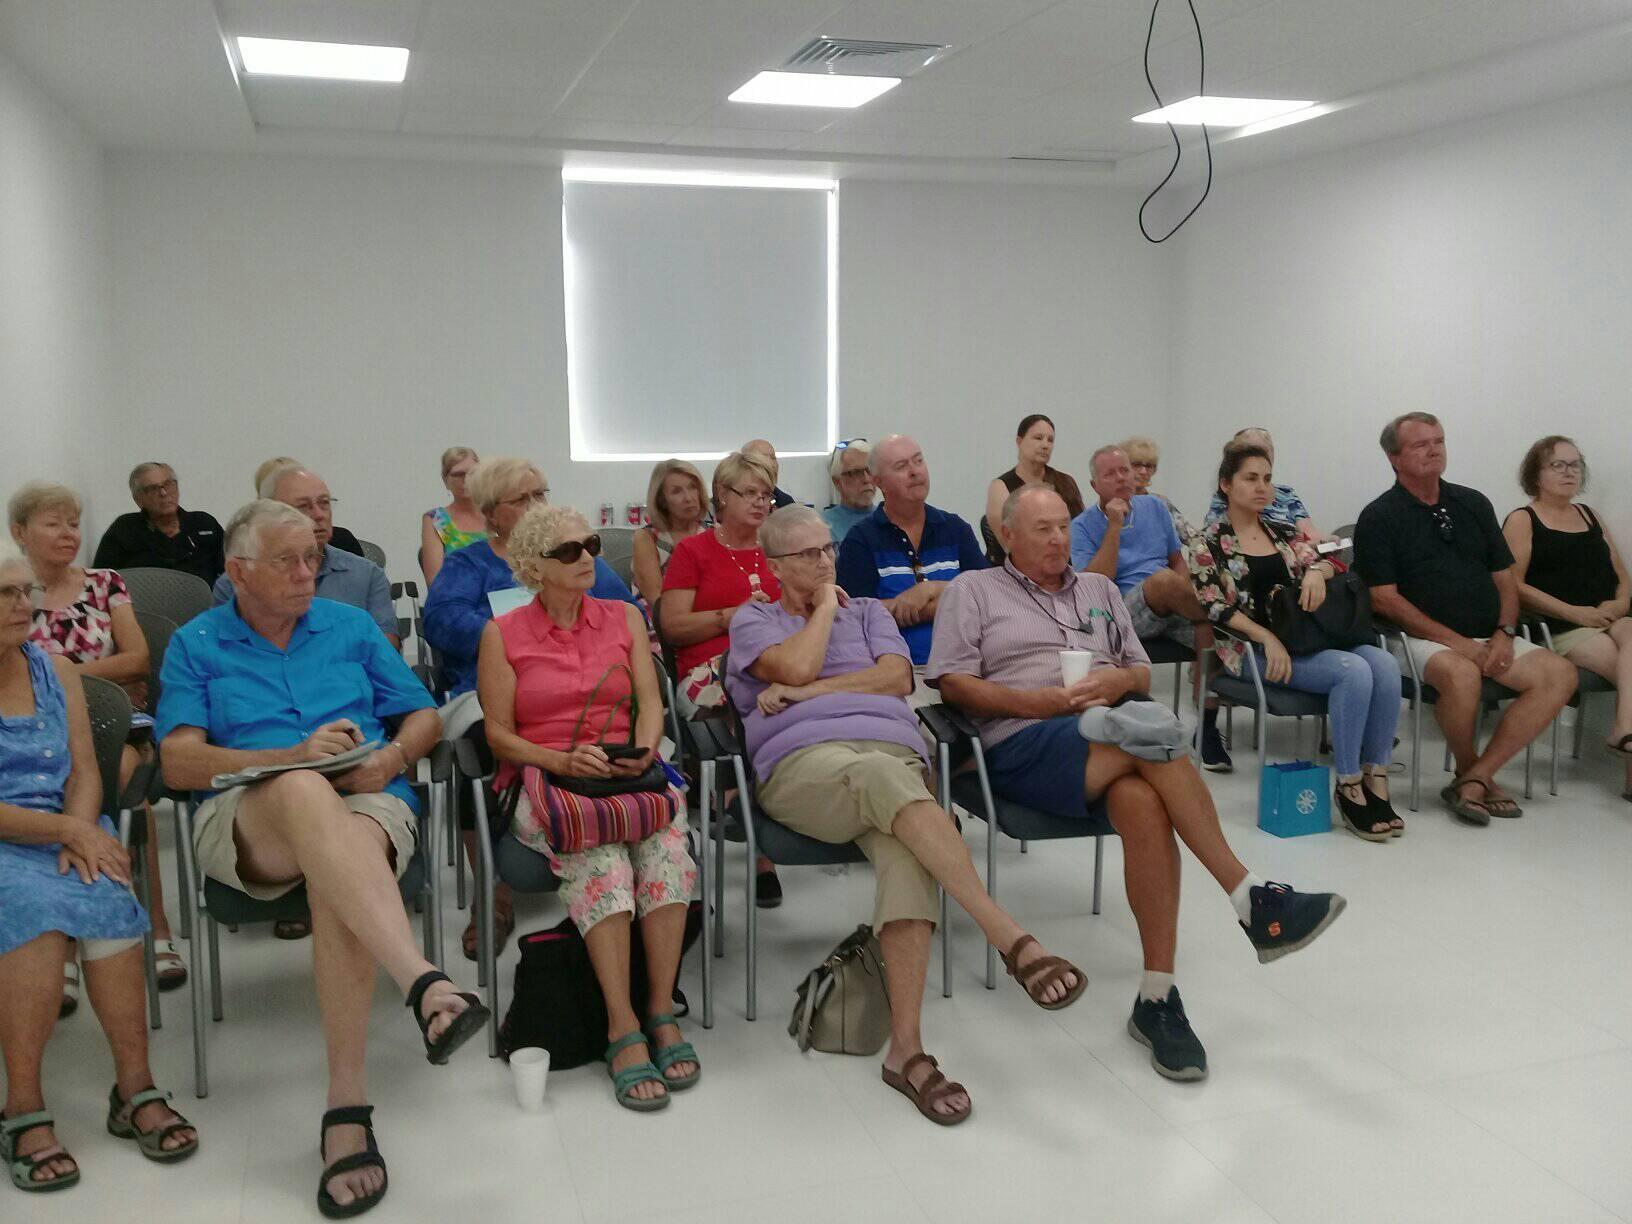 San Mare health care group, Vallarta Lifestyles, Puerto Vallarta